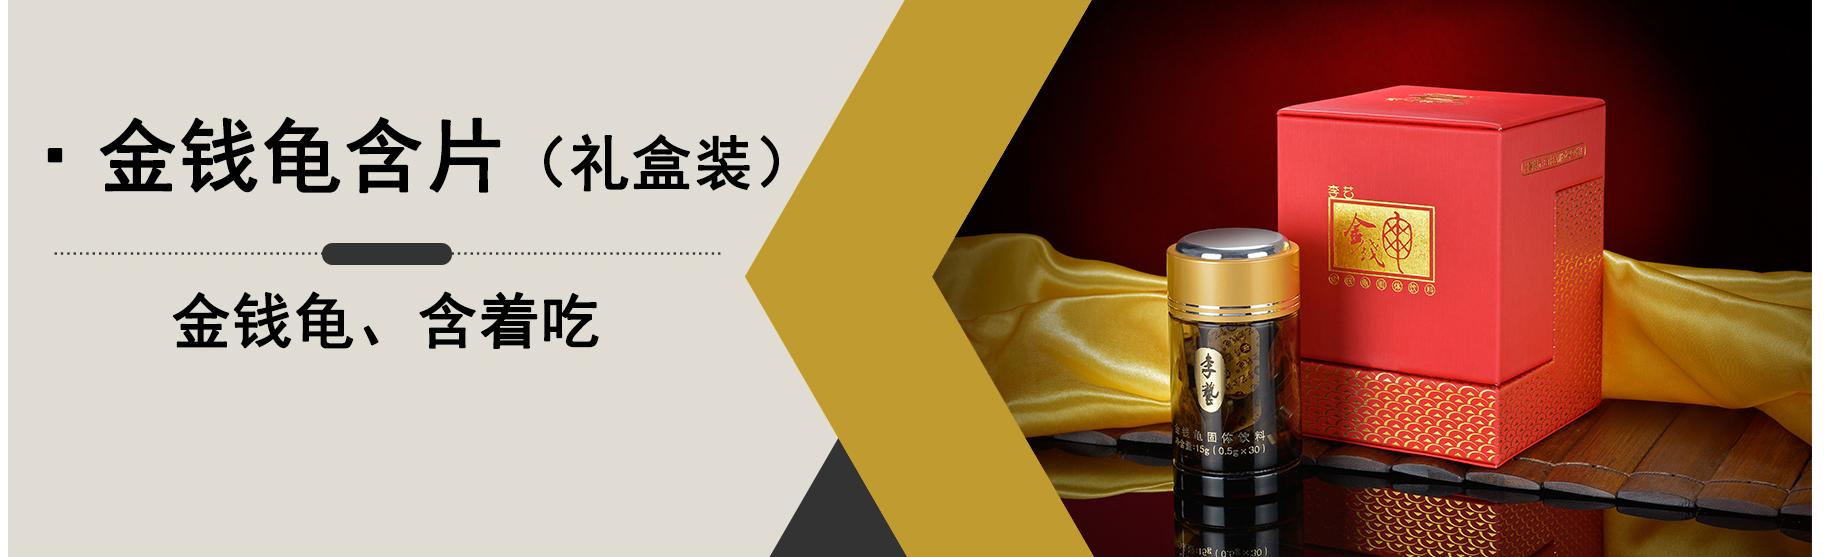 惠州李艺_惠州李艺金钱龟生态发展有限公司 | 国家农业标准化示范区